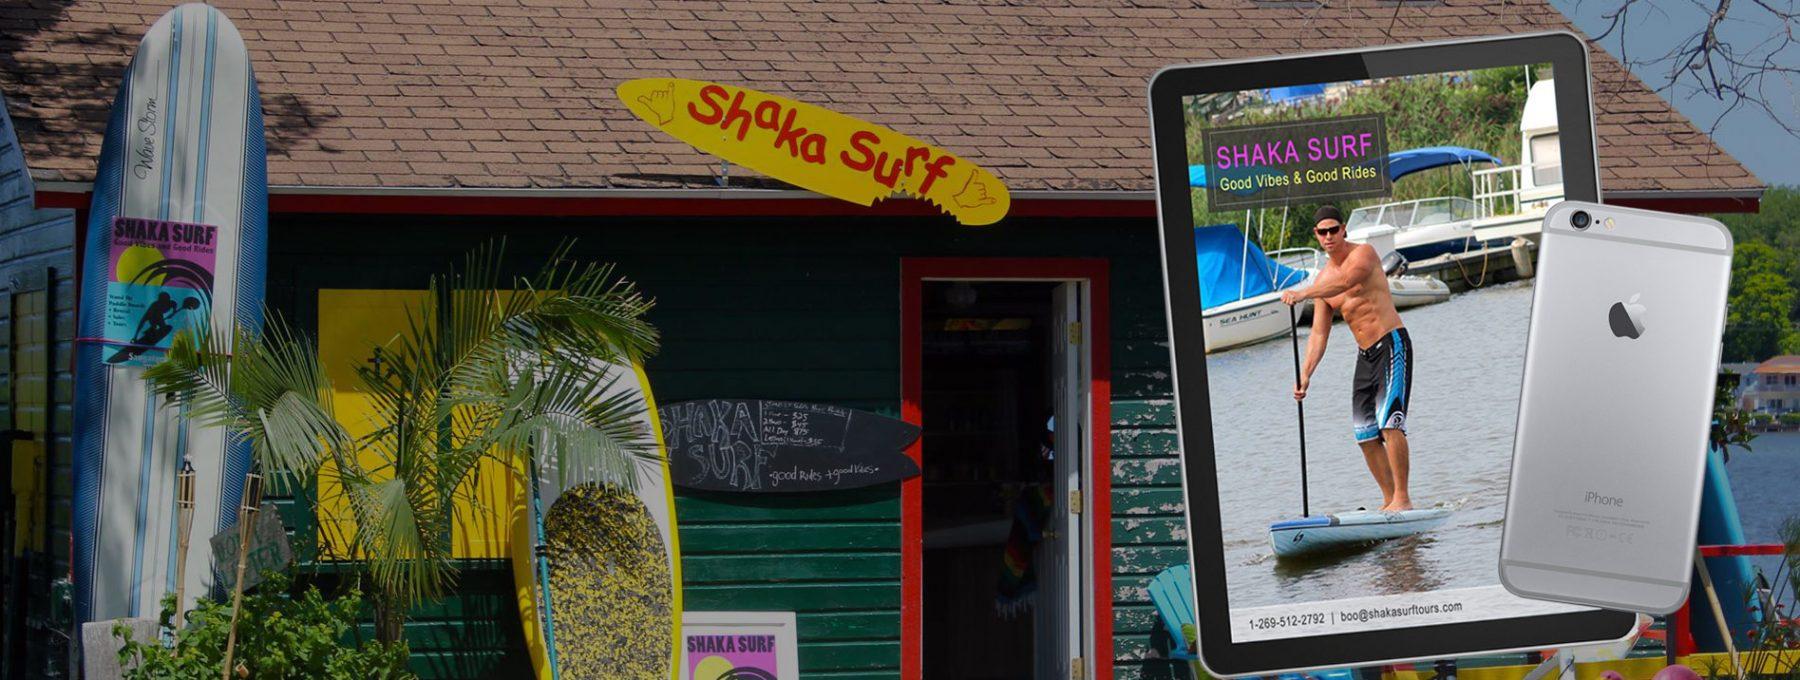 Shaka Surf